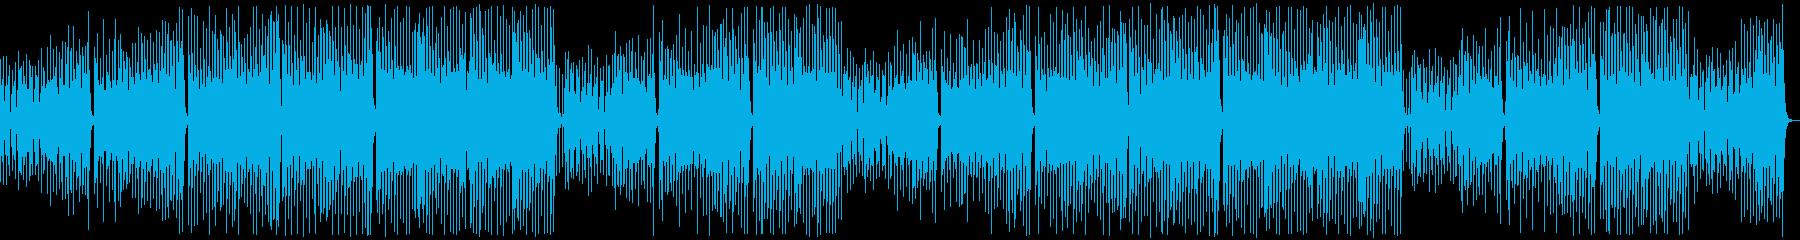 のんびり楽しいレゲエポップ:フル2回の再生済みの波形